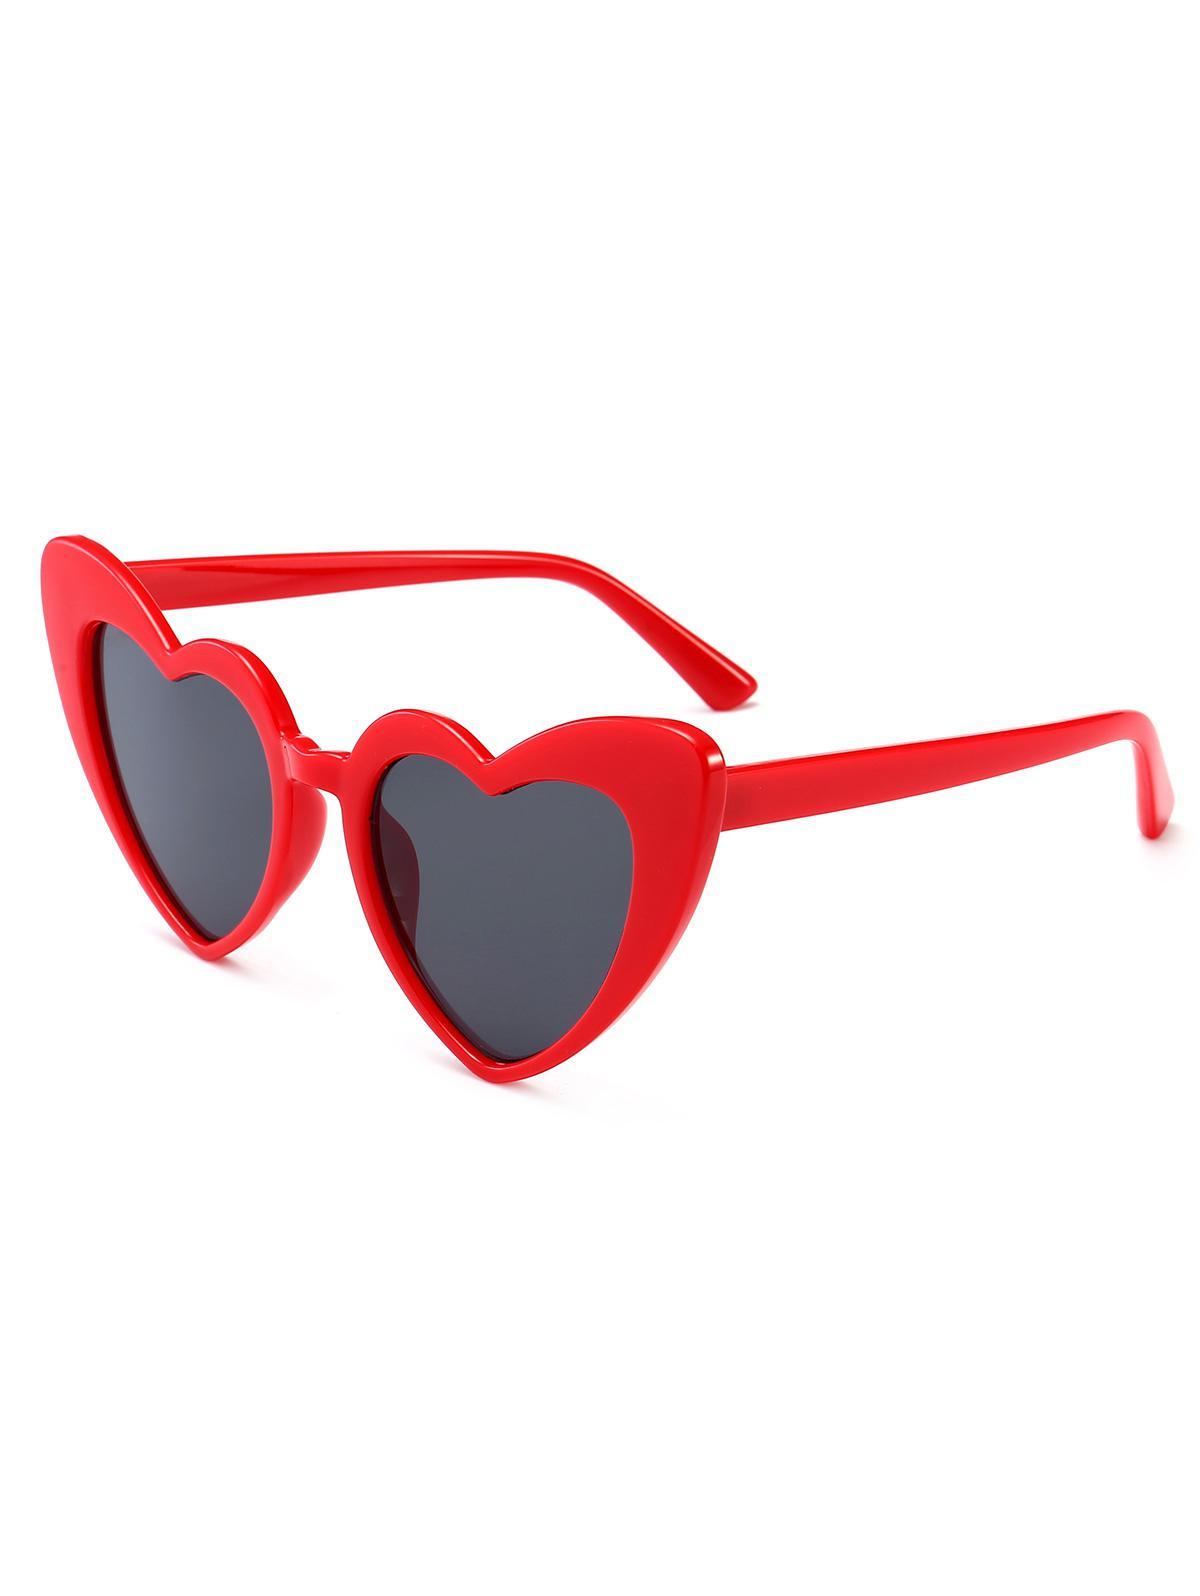 Herzform Sonnenbrillen